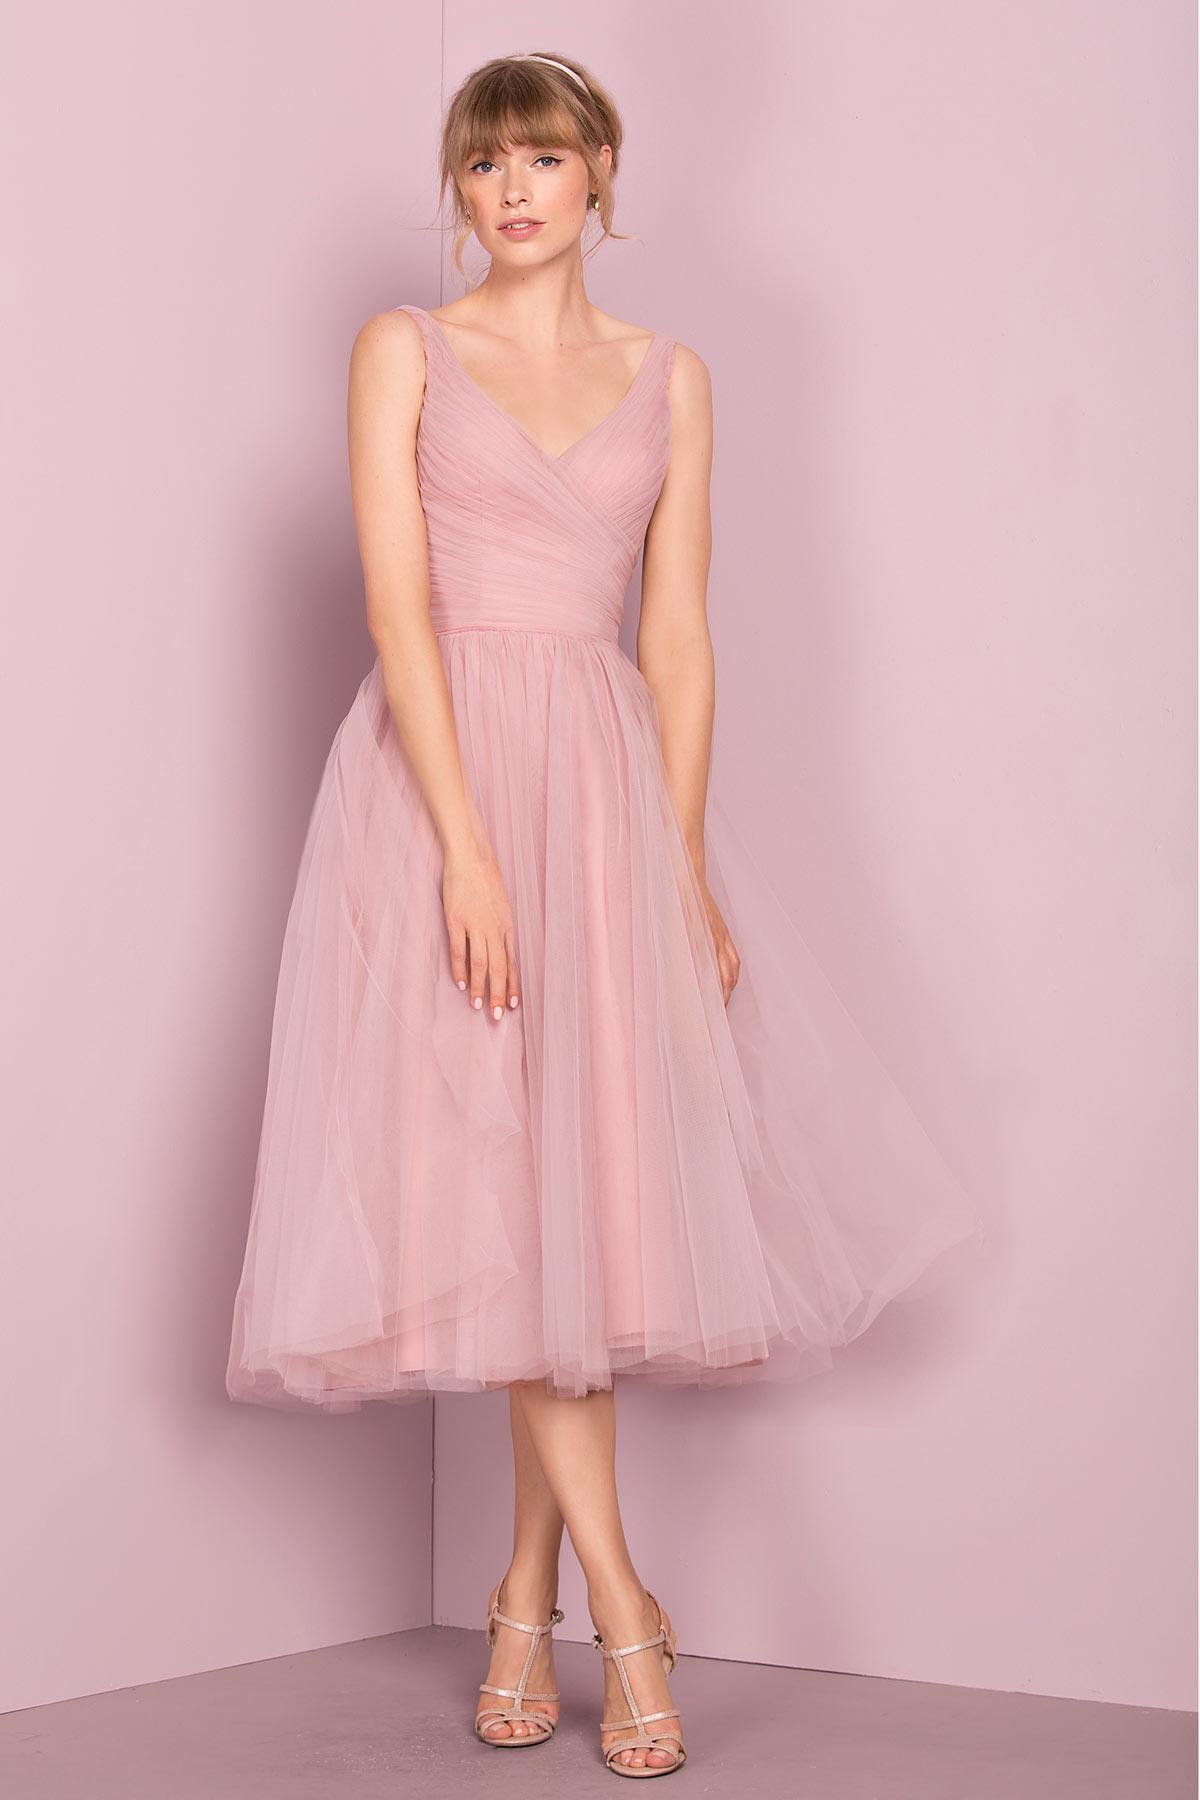 robe de cocktail mi-longue rose col v en tulle